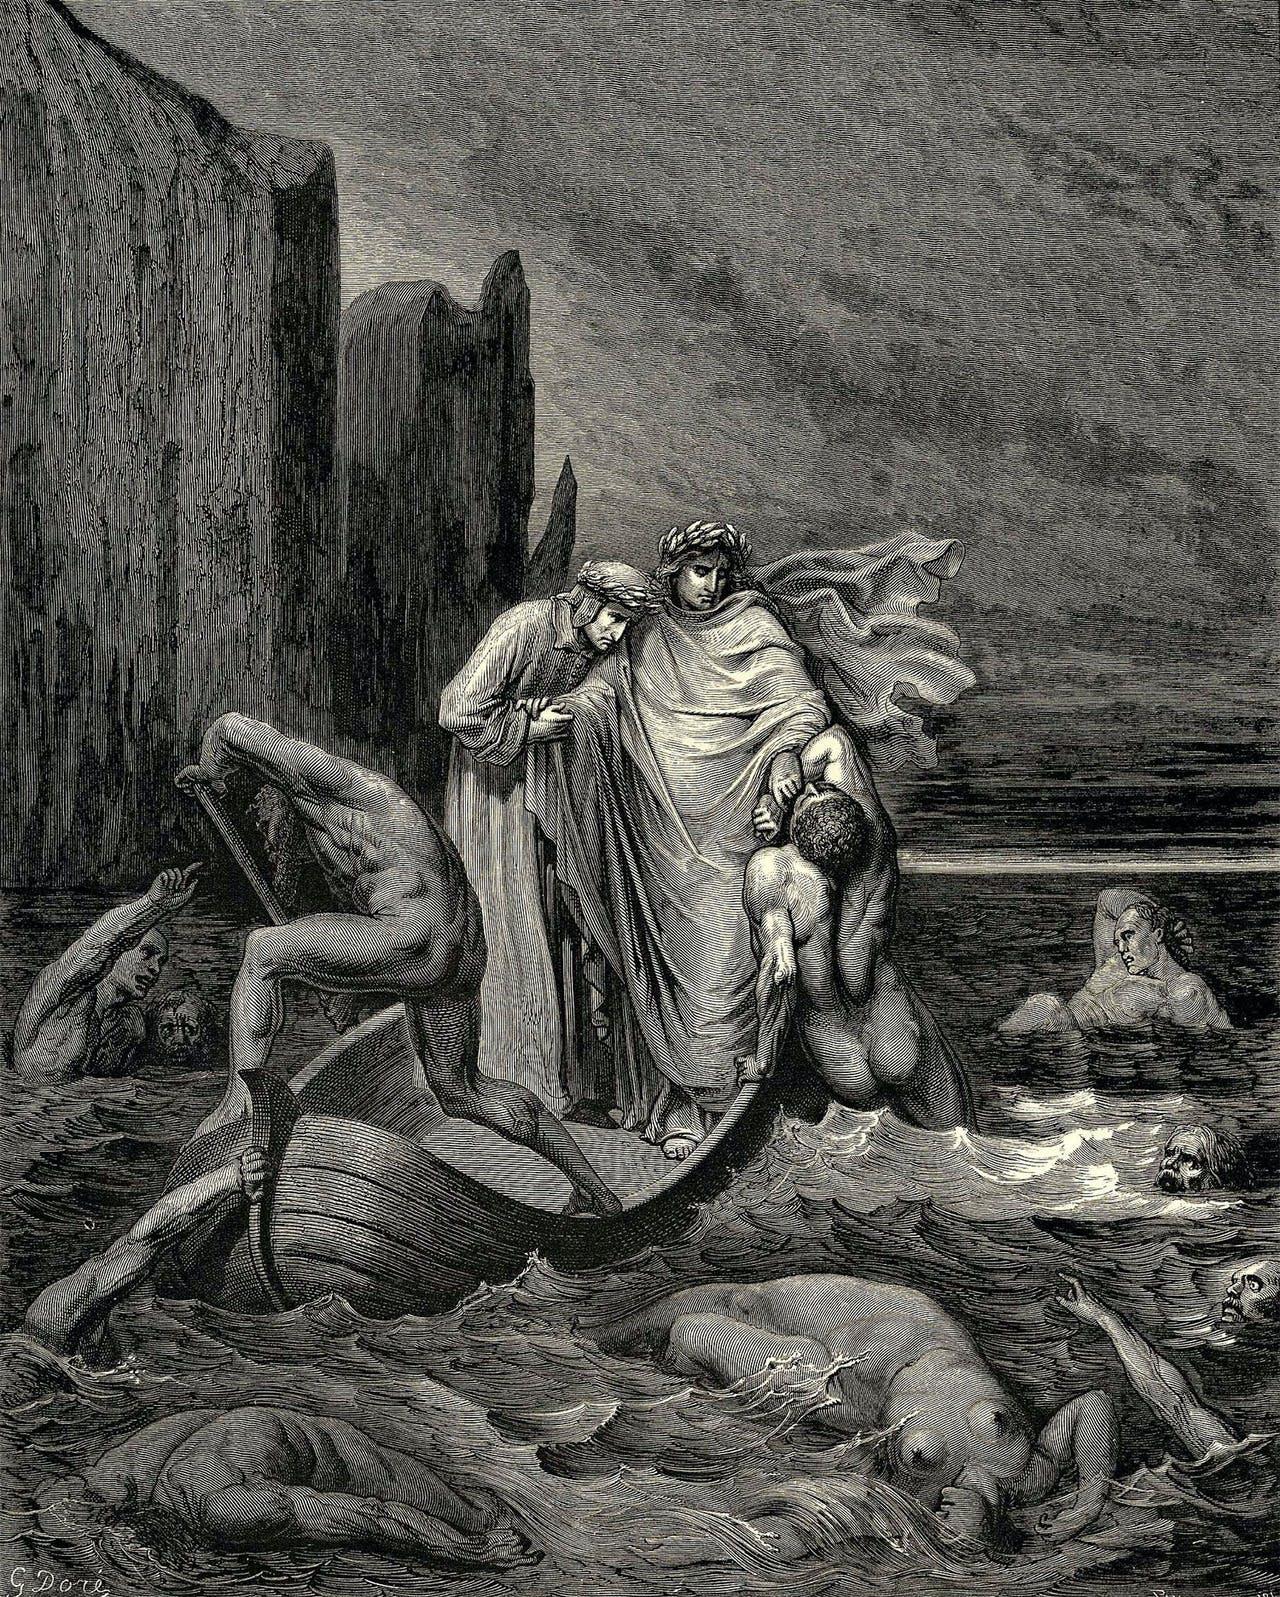 Gustave Dore's Divine Comedy